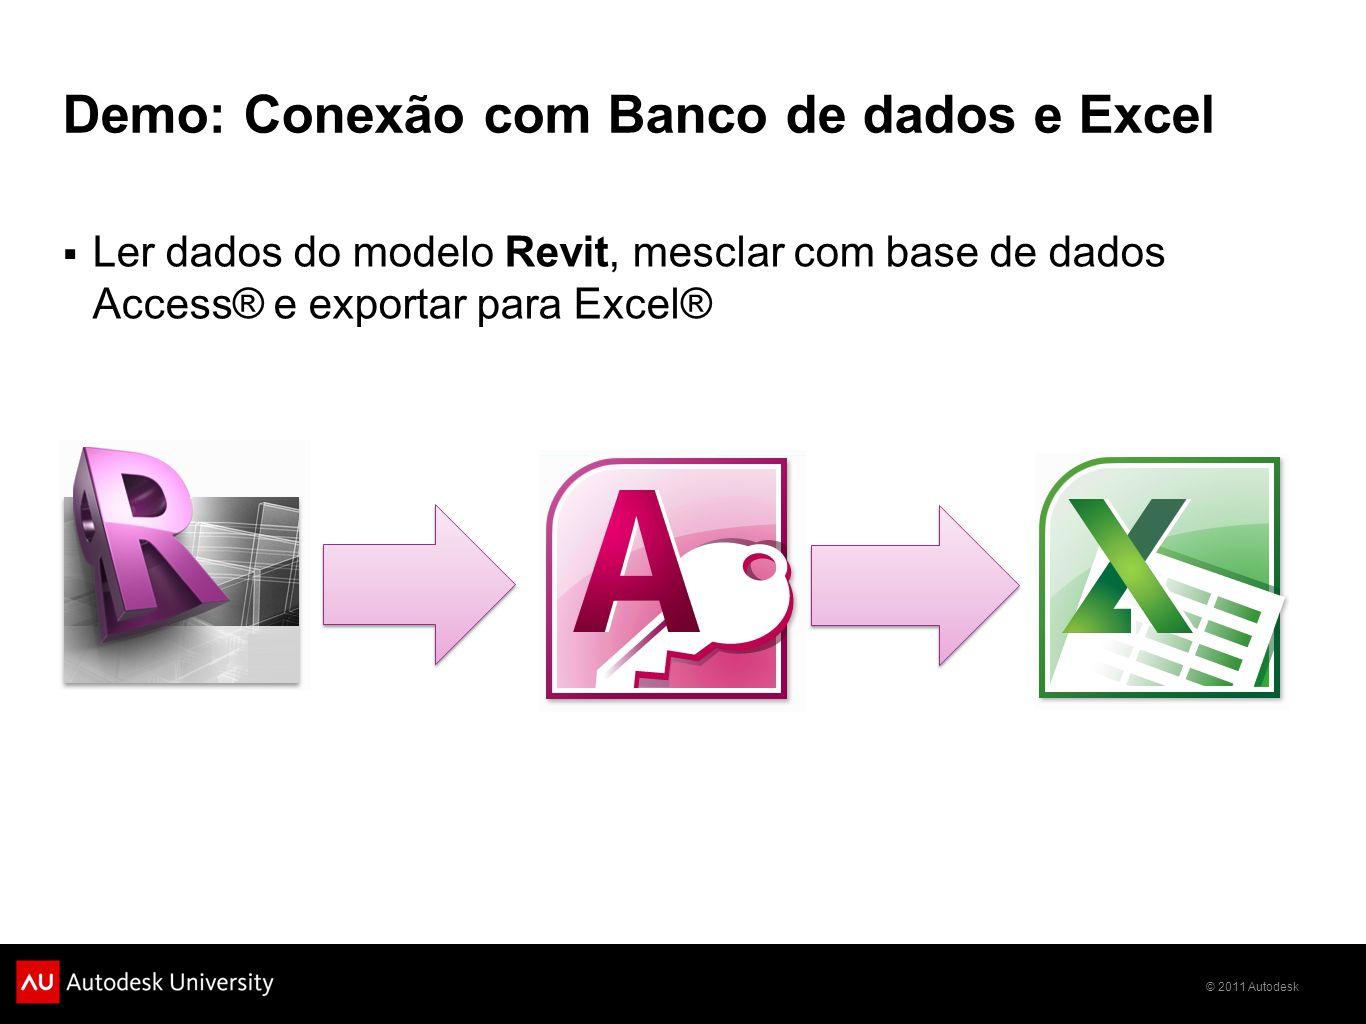 Demo: Conexão com Banco de dados e Excel